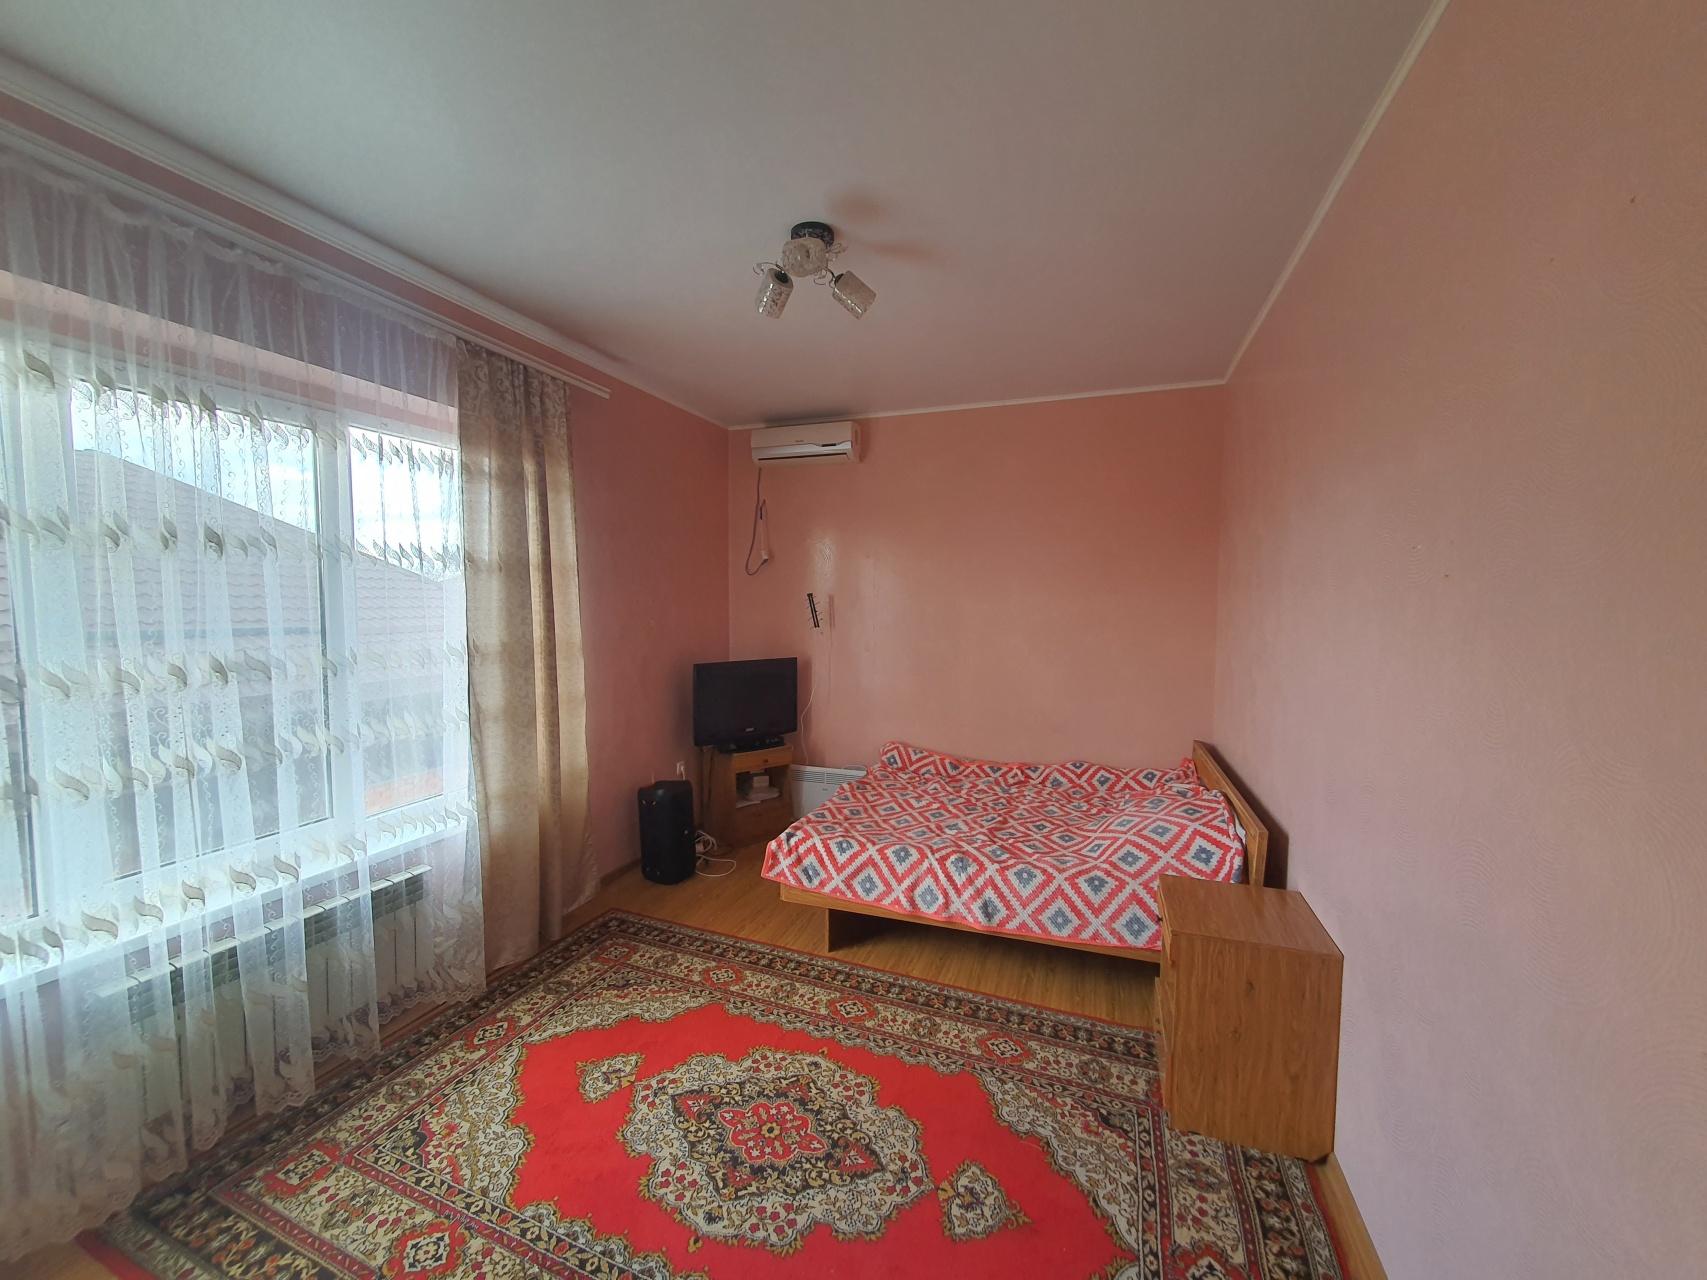 Квартира 1 комнатная в г. Майкоп район Казачий рынок